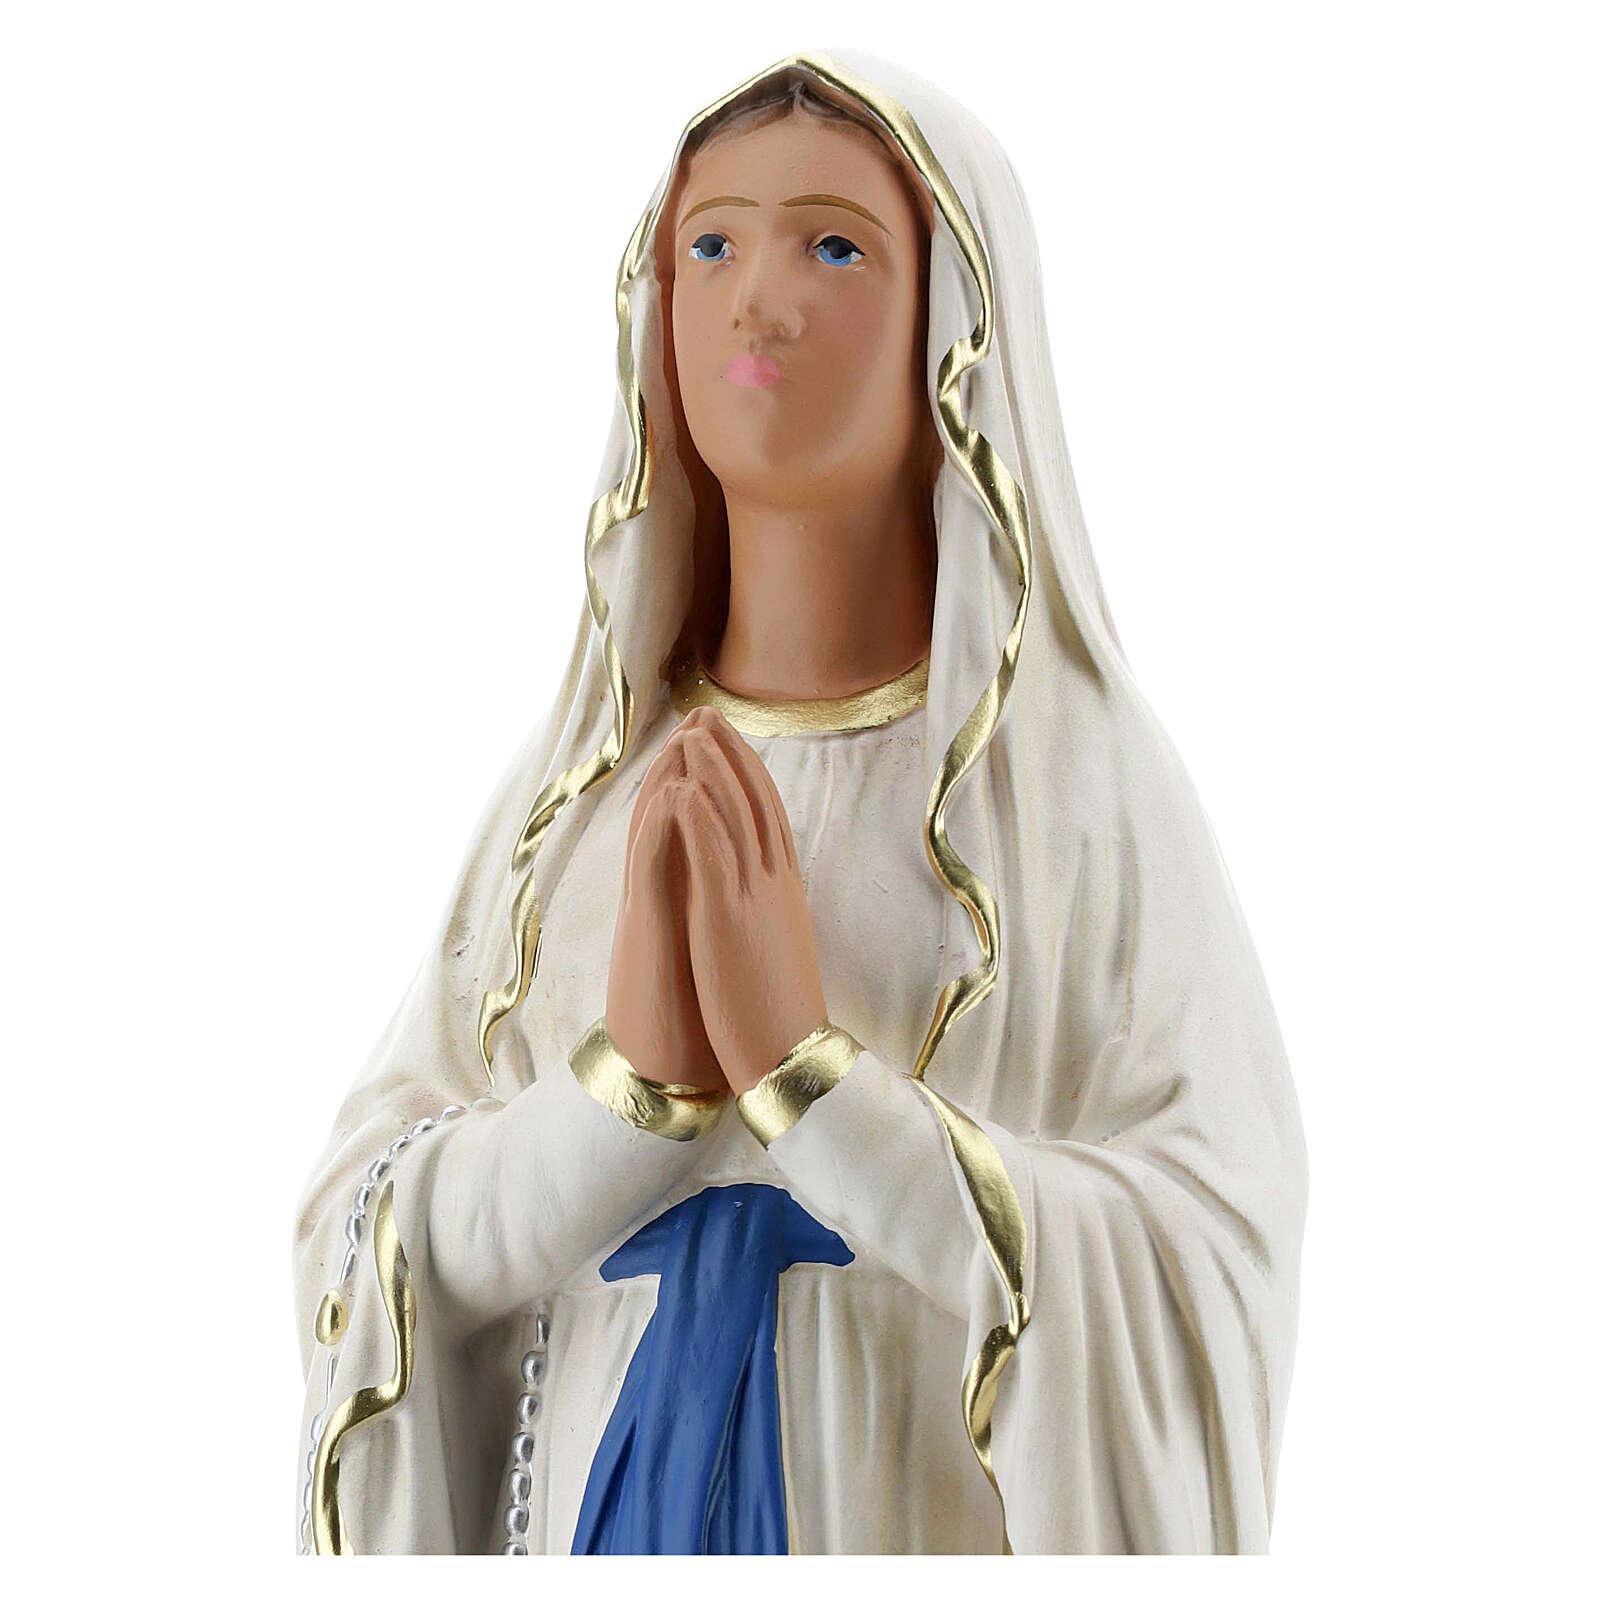 Estatua Virgen de Lourdes 40 cm yeso pintada a mano Barsanti 4